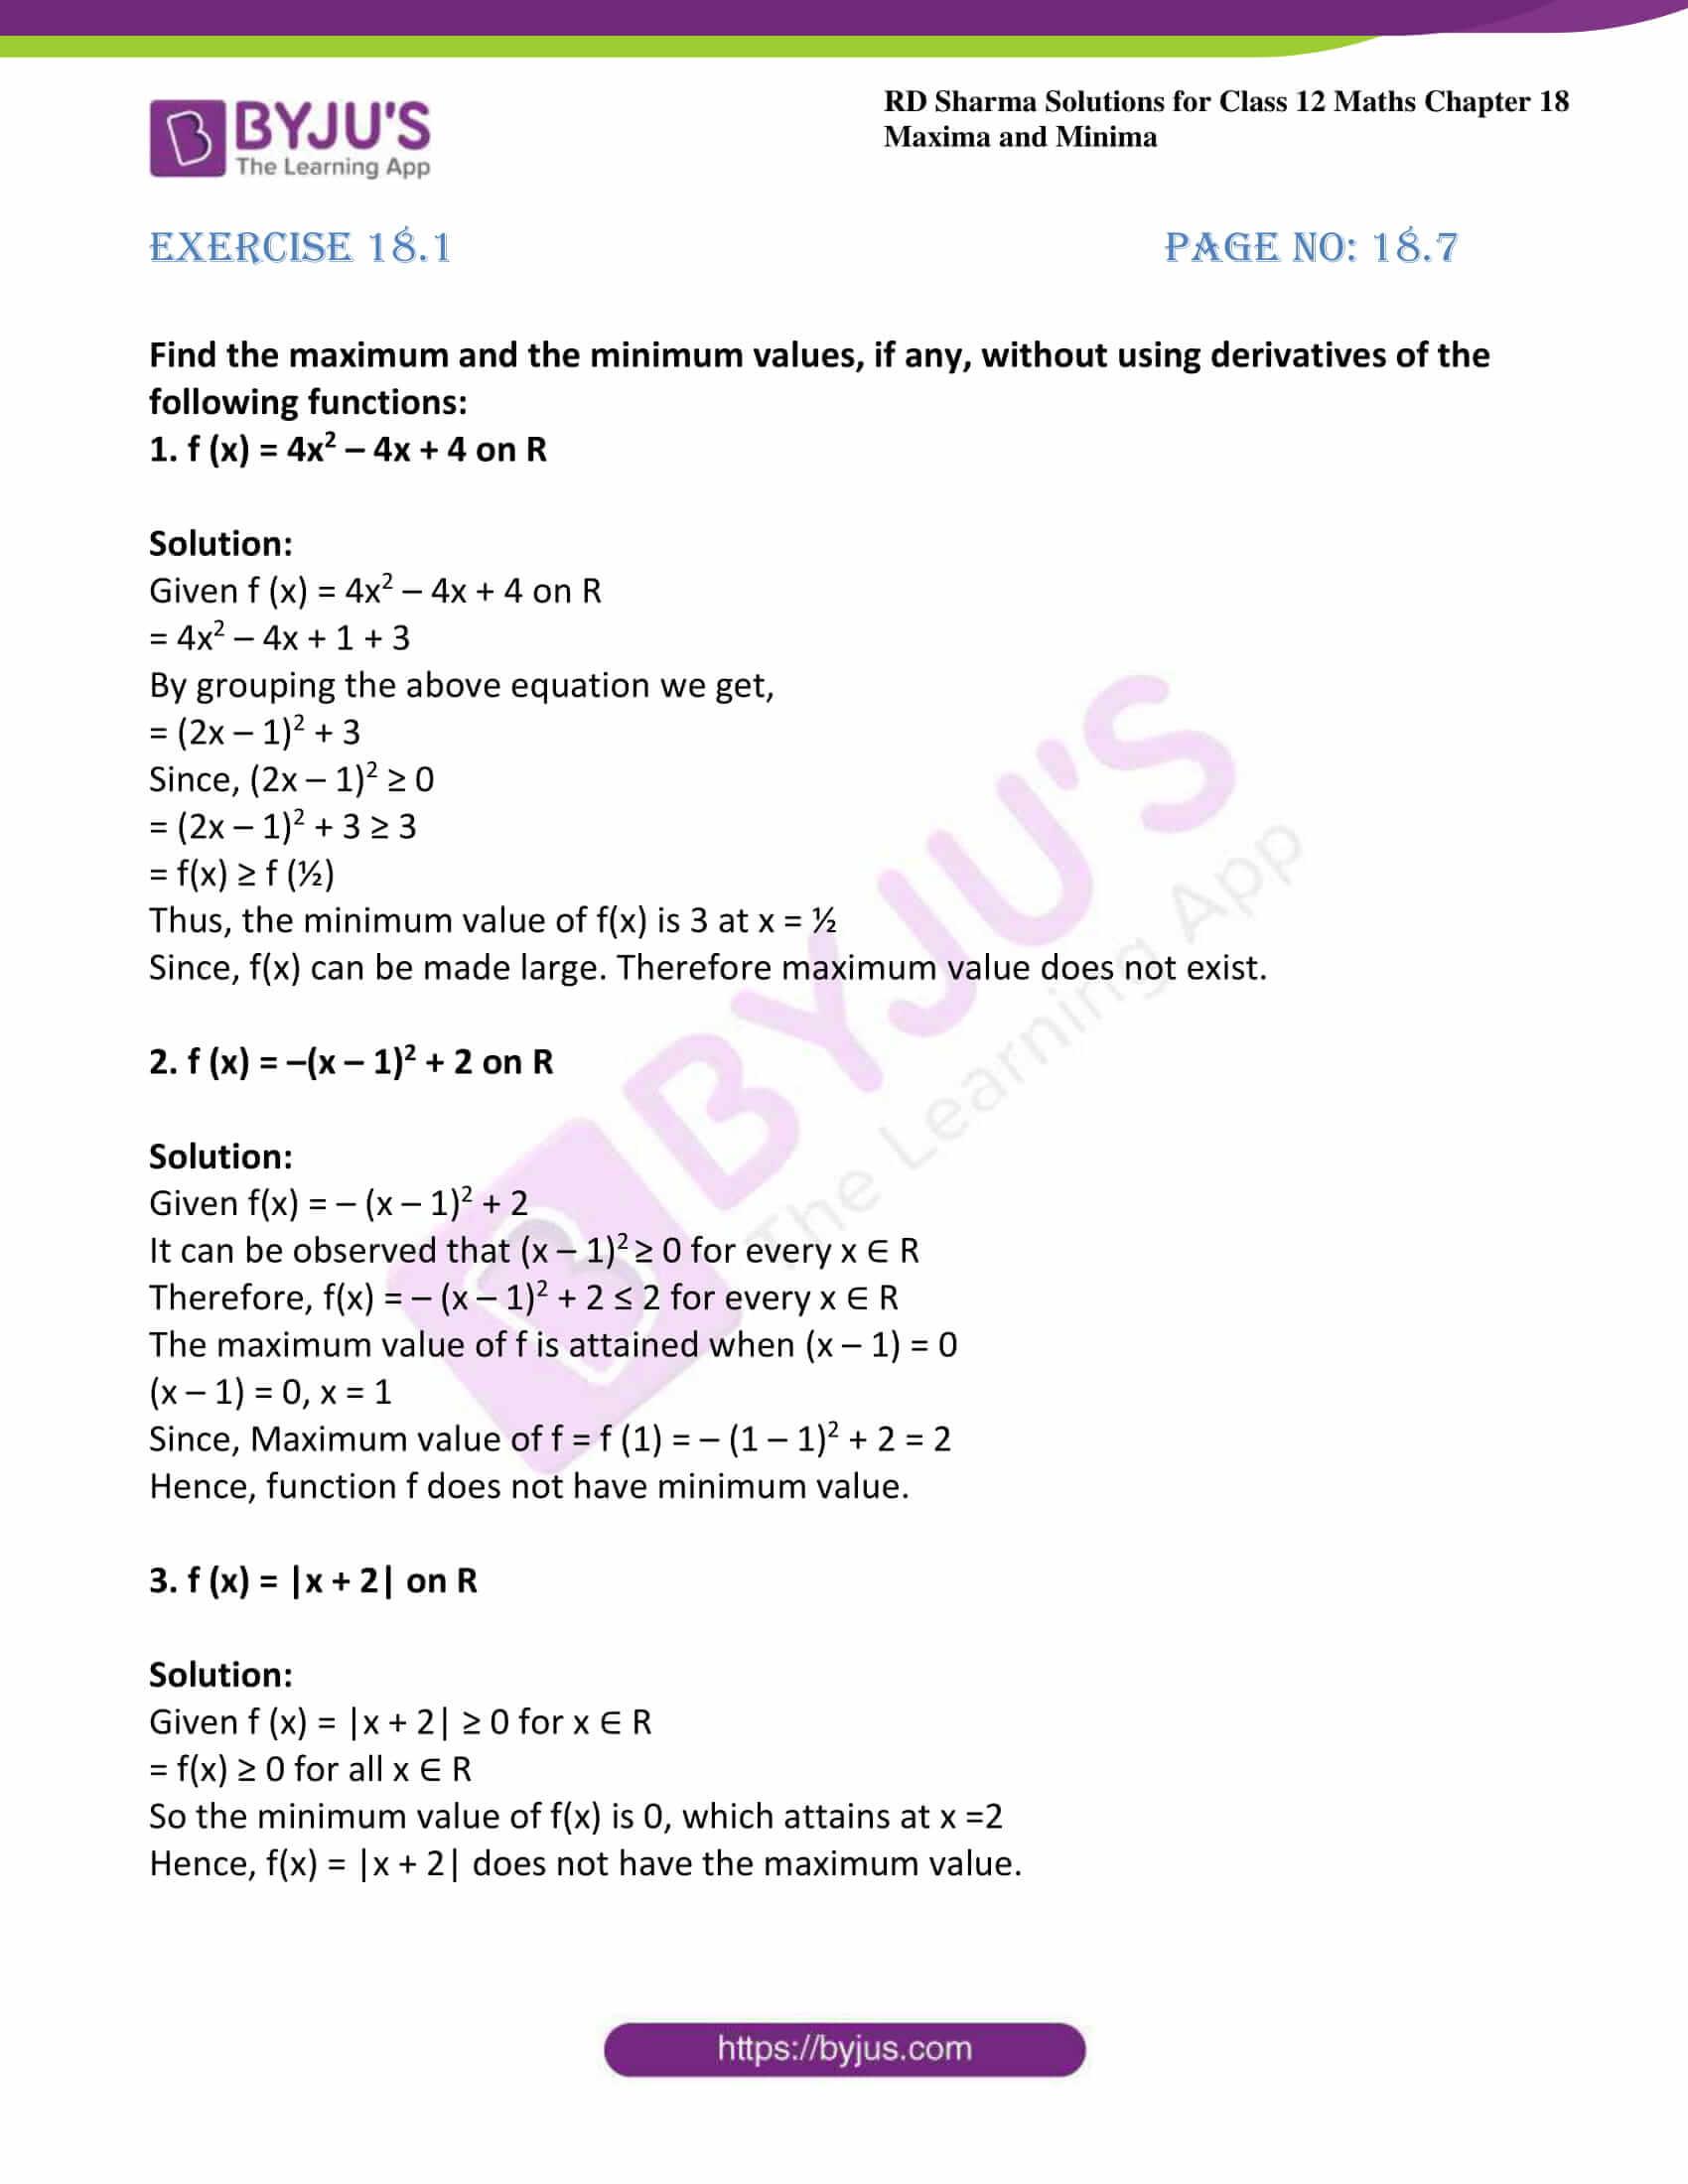 rd sharma class 12 maths sol chap 18 ex 1 1